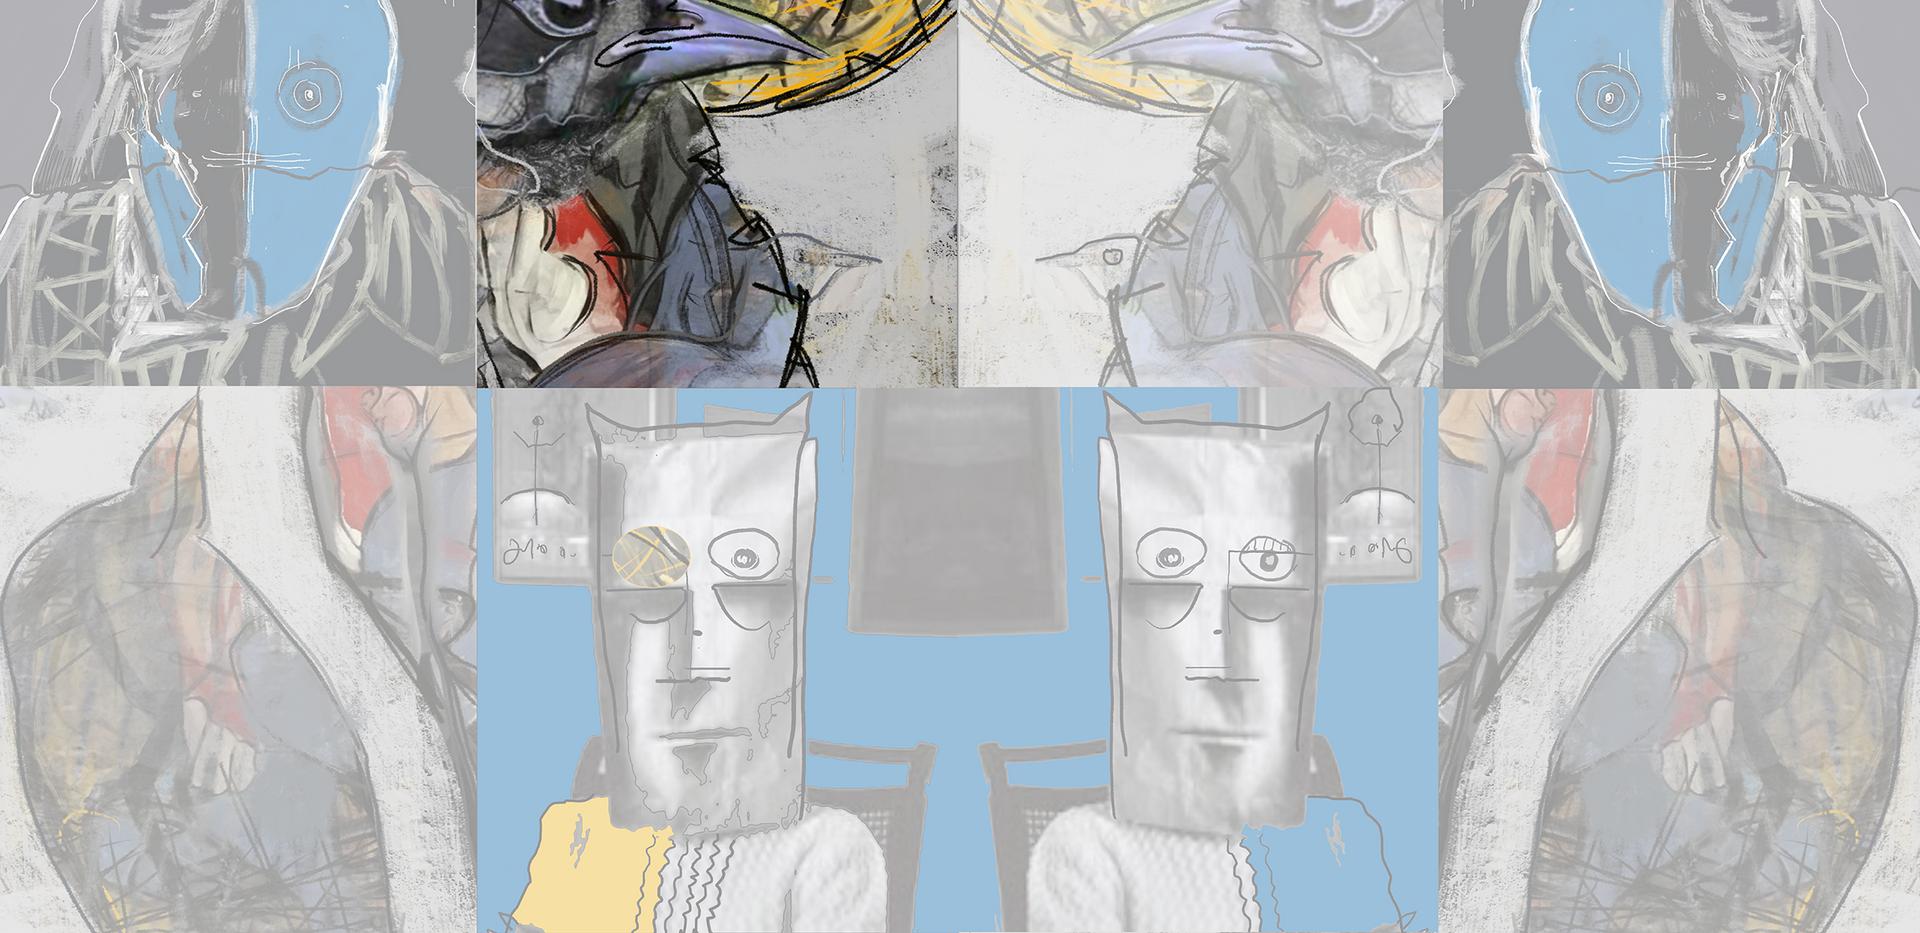 bord-04-tekening-02.png